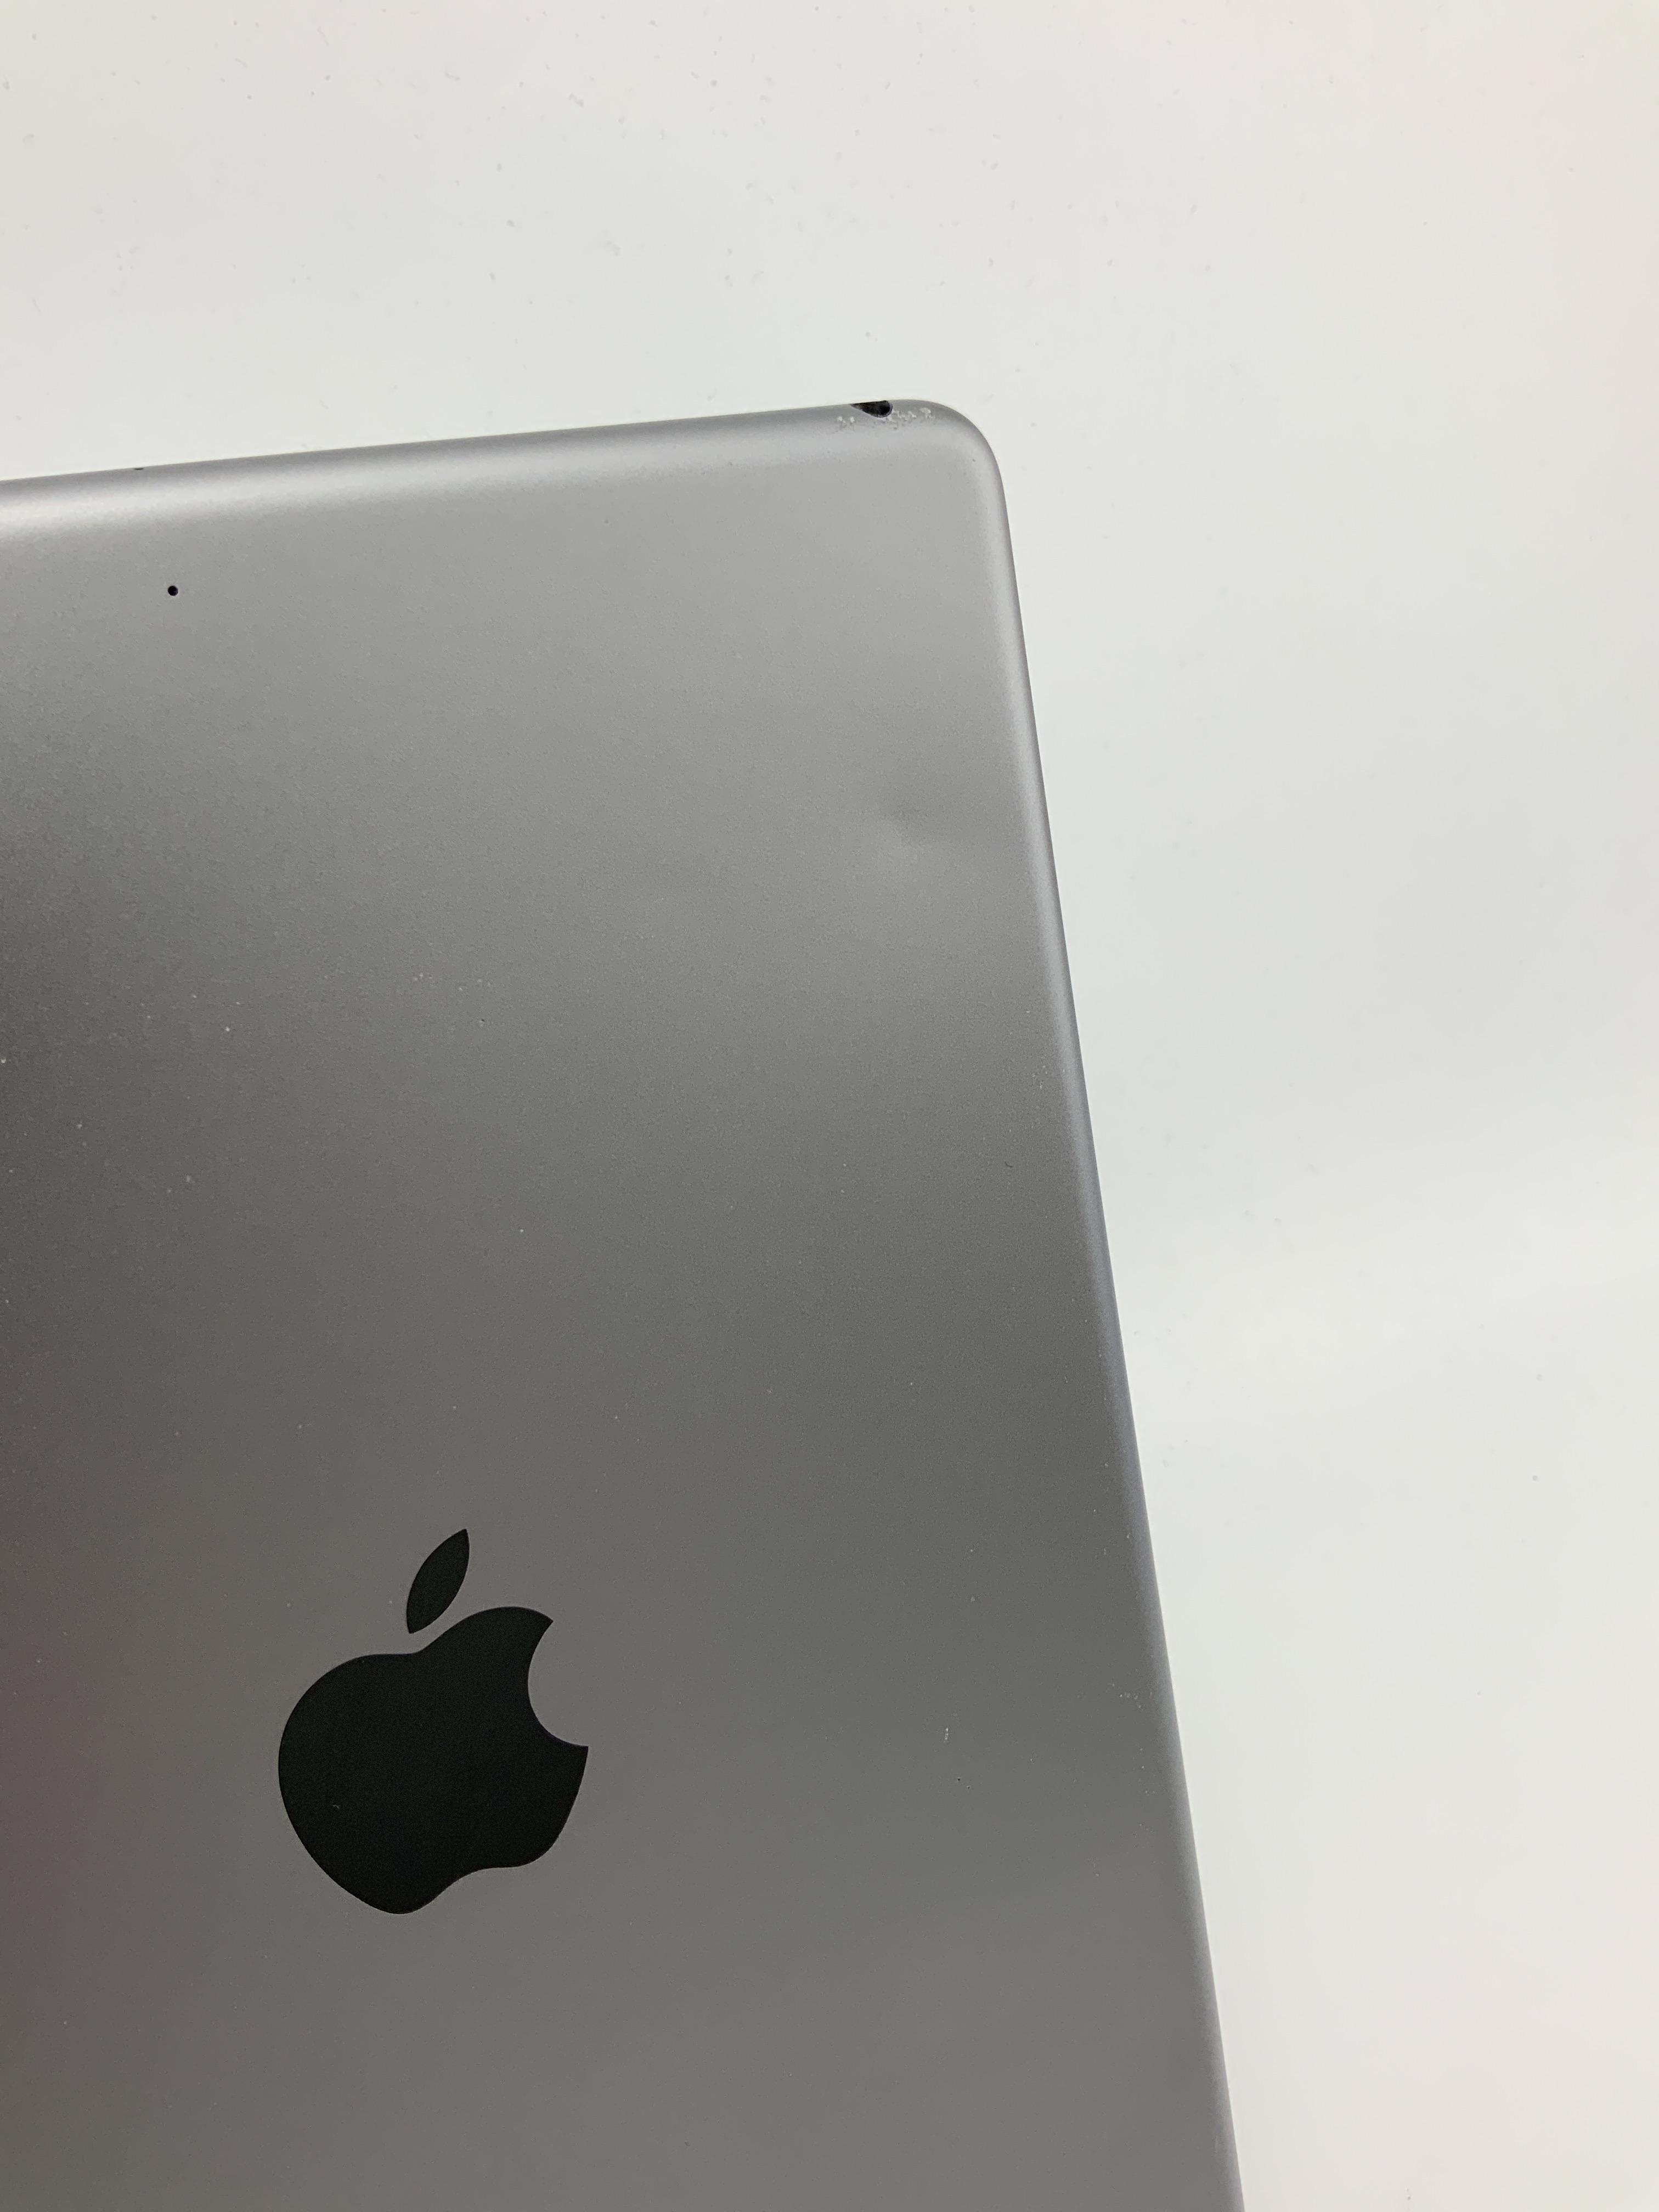 iPad 5 Wi-Fi 128GB, 128GB, Space Gray, immagine 4